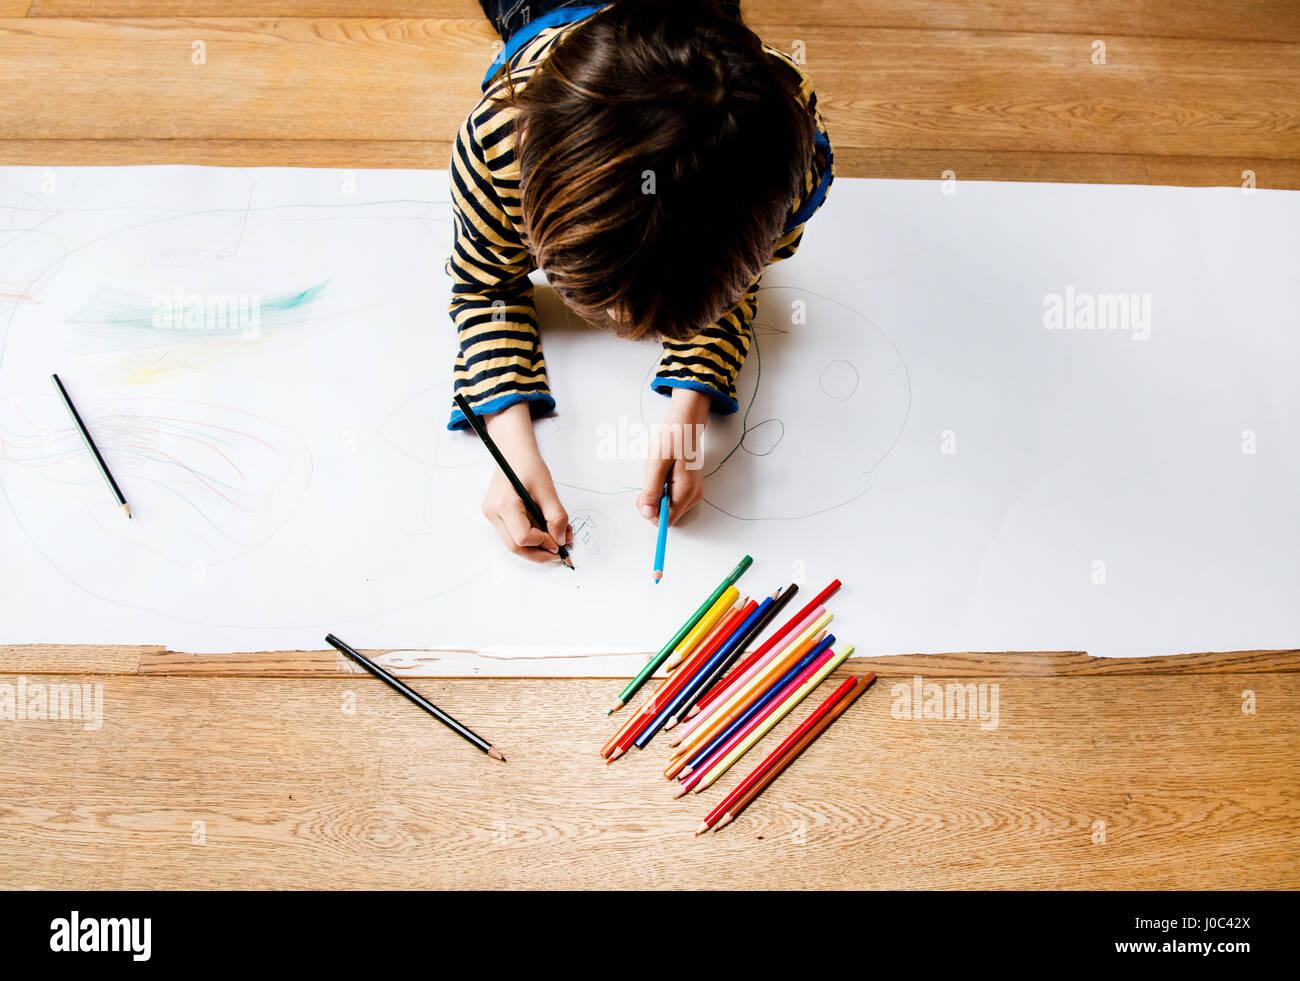 Vista aérea del niño acostado en el suelo el dibujo sobre papel largo Imagen De Stock